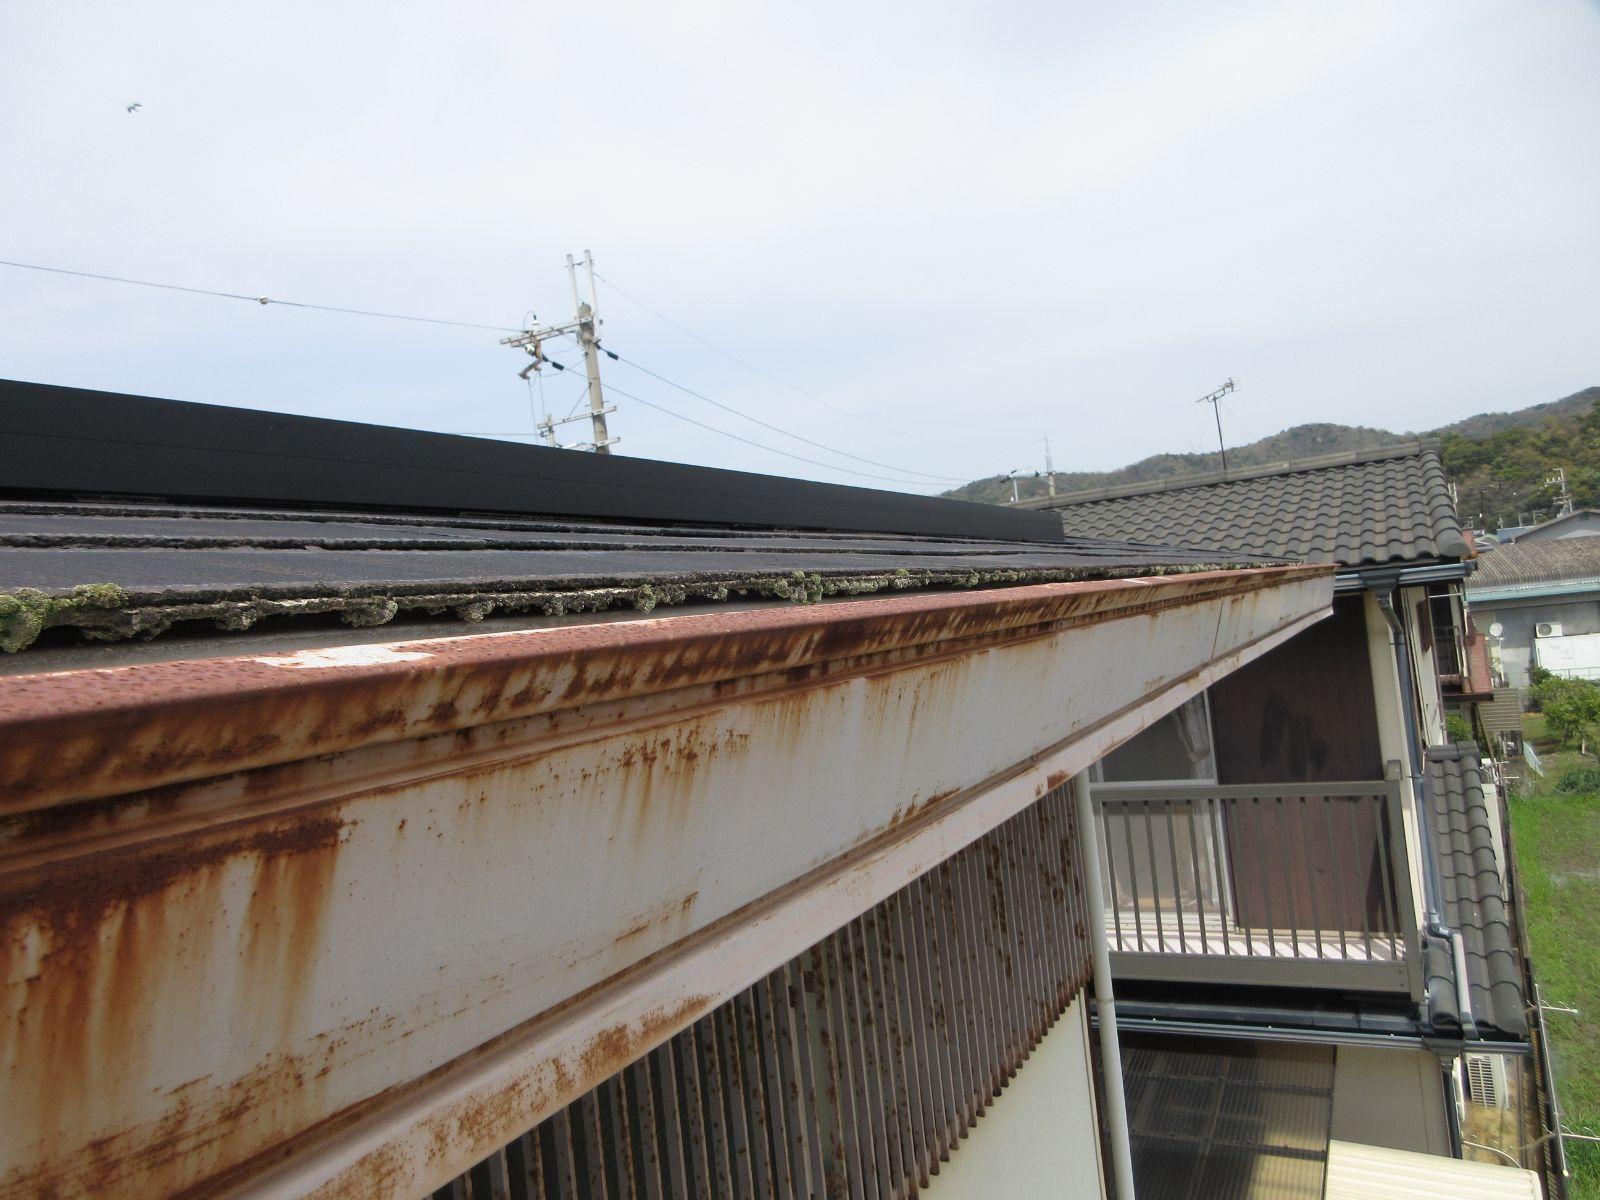 【和歌山市】T様邸 外壁・屋根塗装工事<br>『モダンに大変身♫新築のような美しさ✦』7